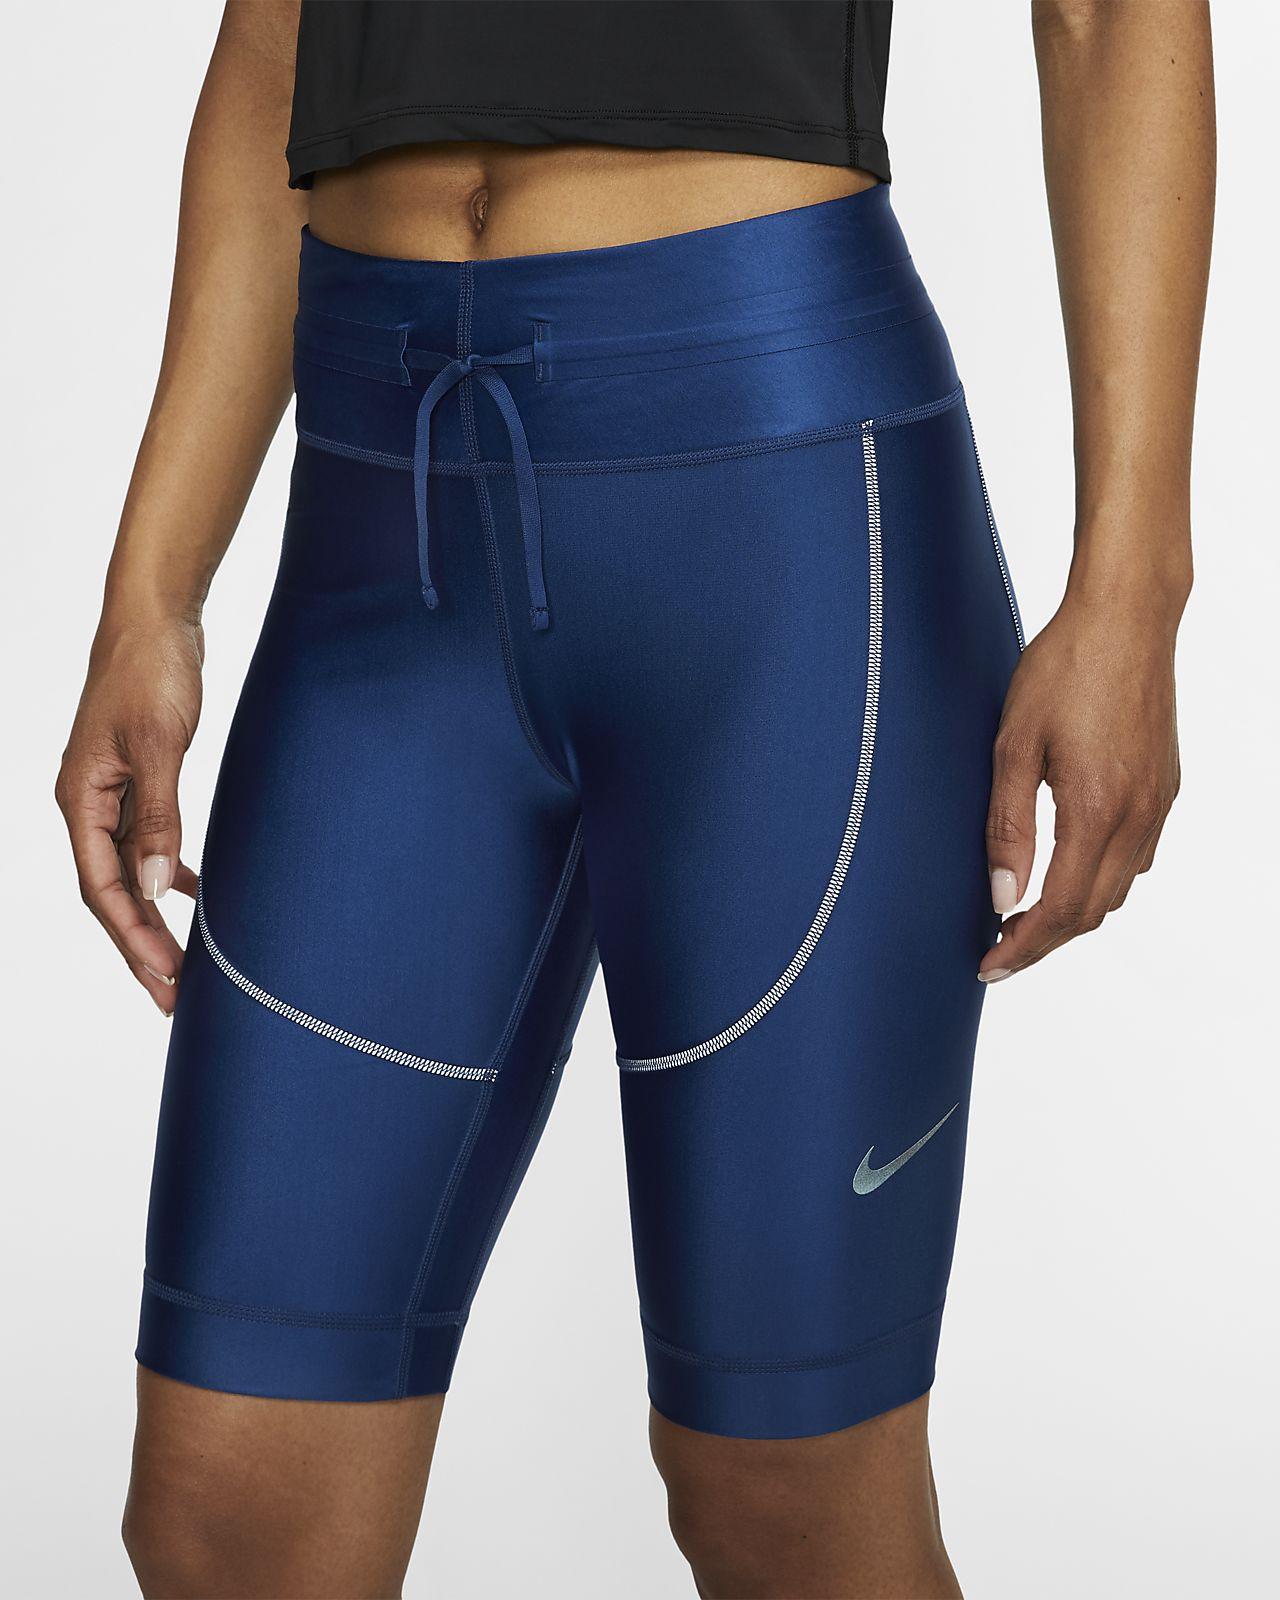 Mallas de running para mujer Nike City Ready